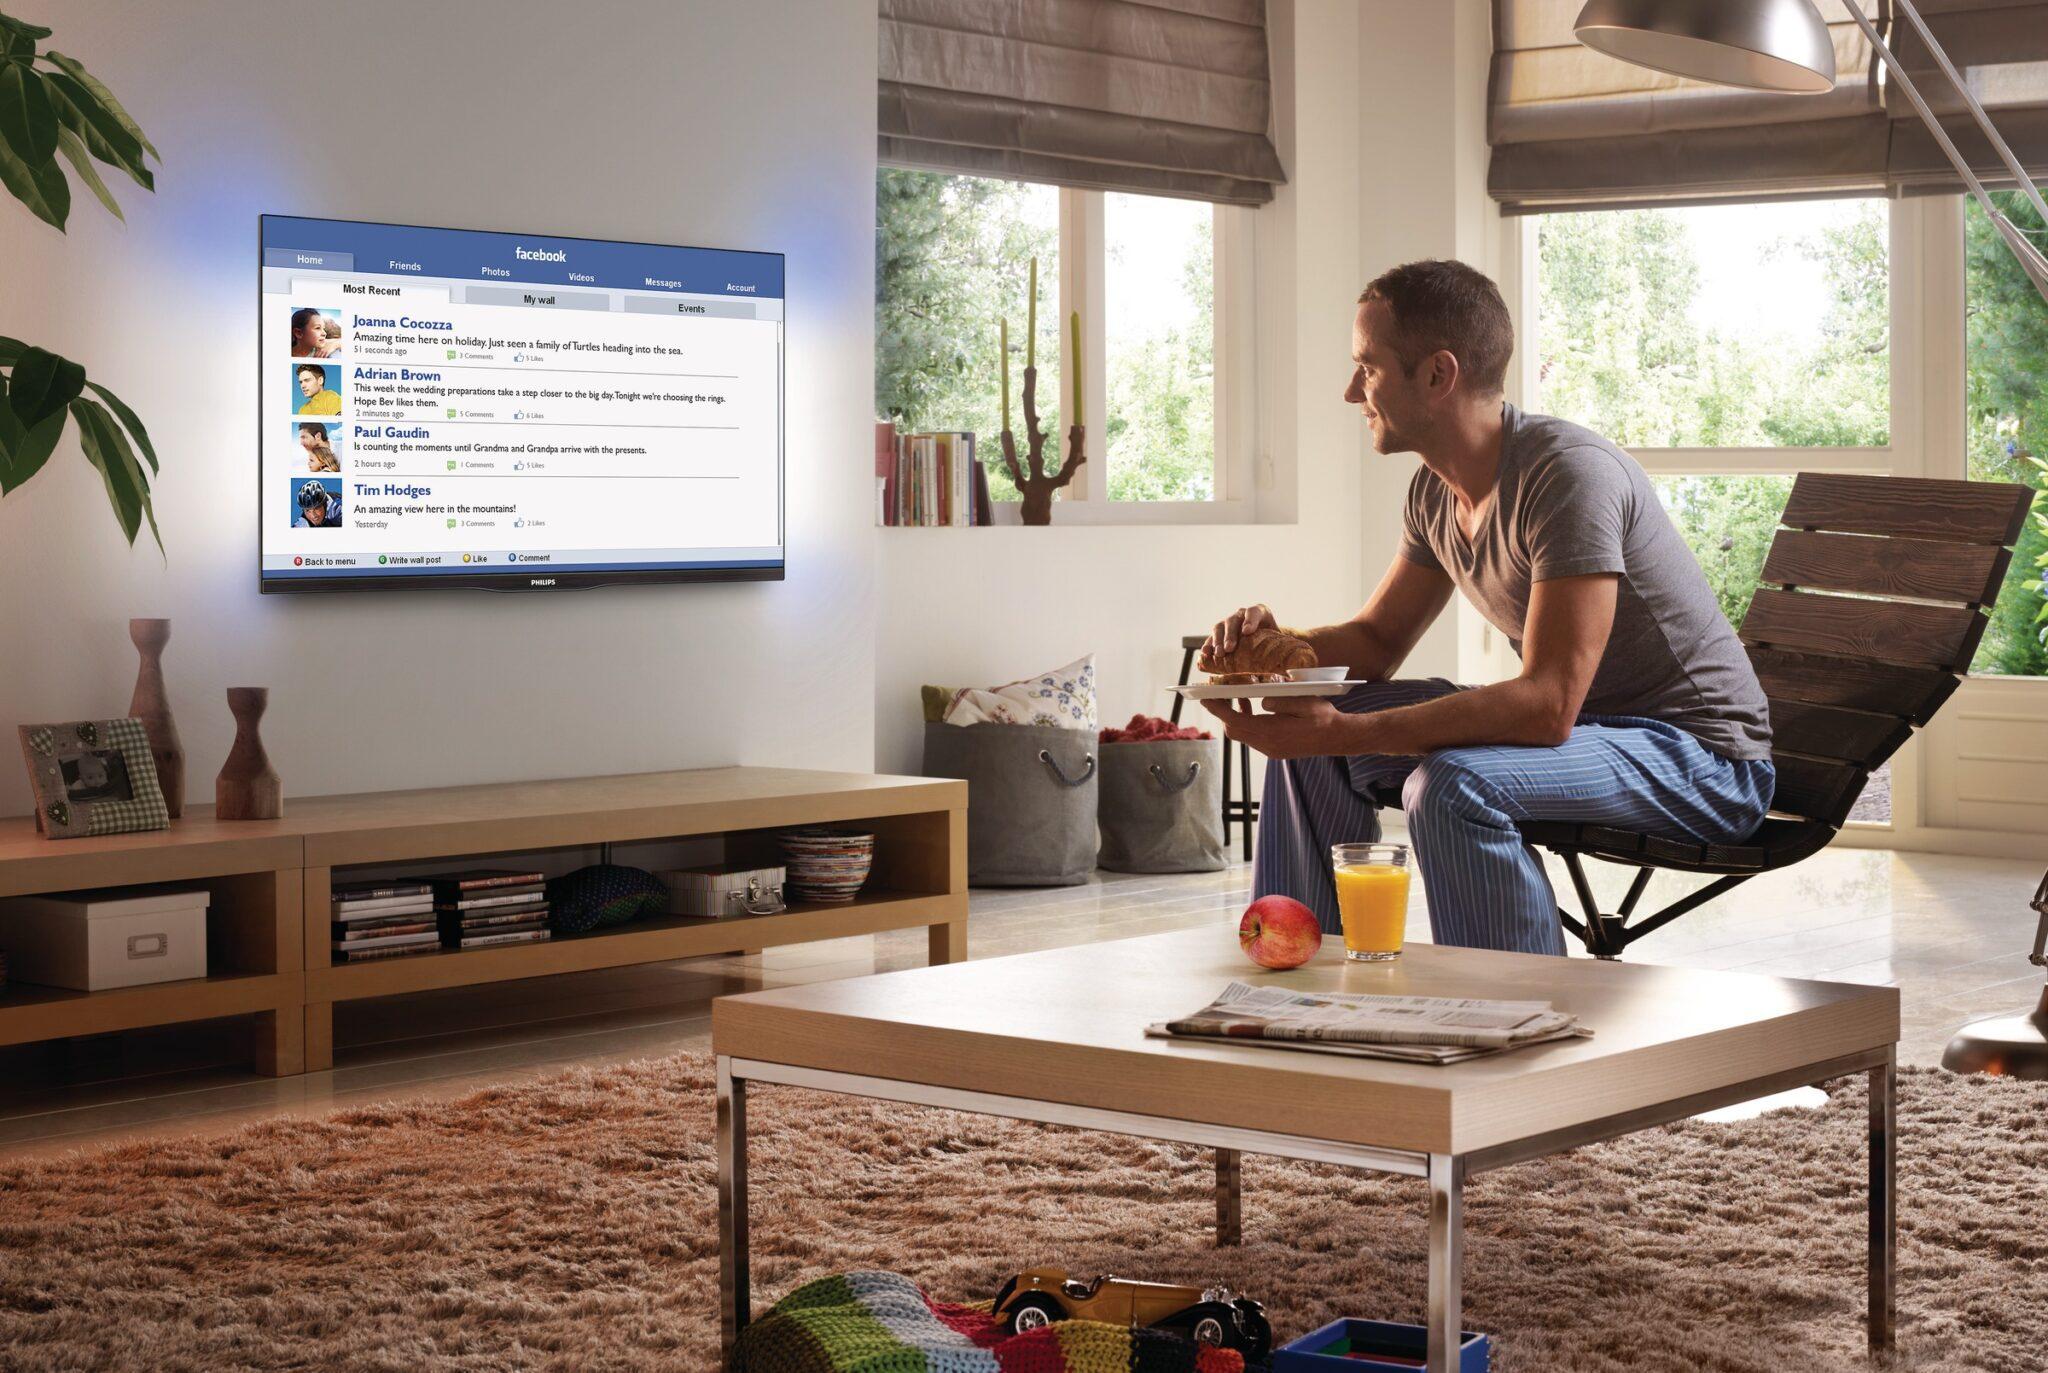 доступ до соціальних мереж за допомогою Смарт ТВ